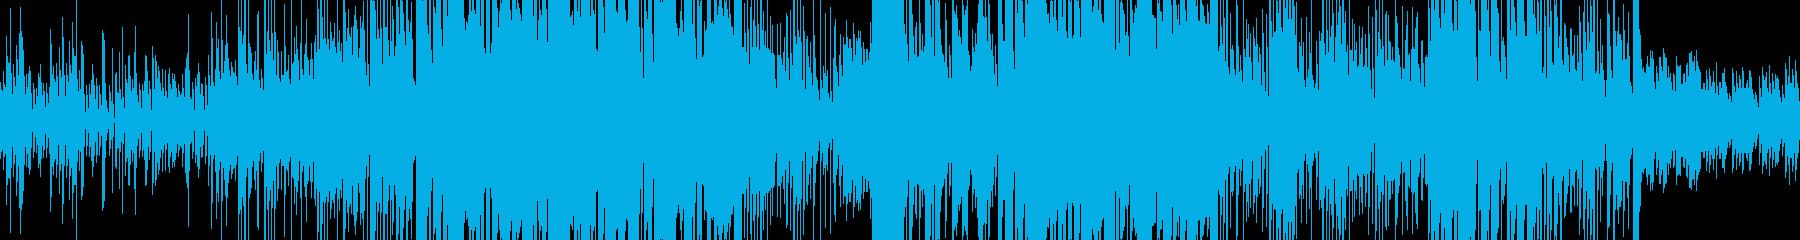 ピアノのリフが印象的で科学な雰囲気の再生済みの波形